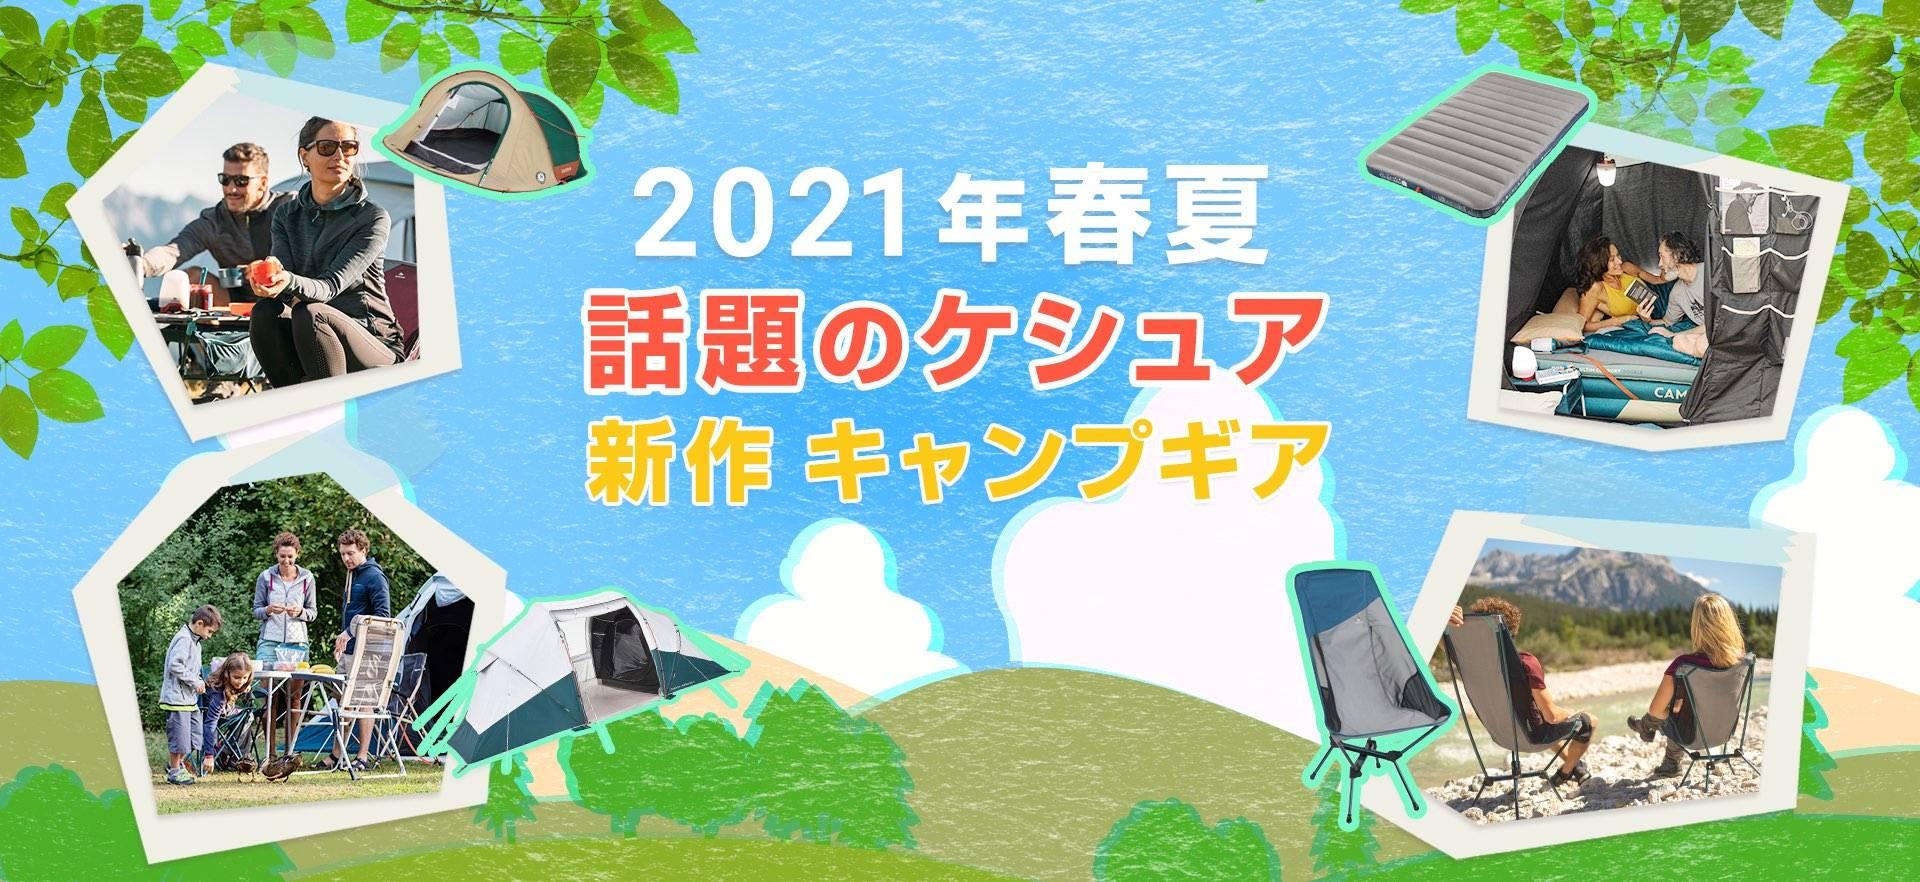 2021年 春夏 話題のケシュア 新作キャンプギア 話題のケシュア最新キャンプギアを一挙ご紹介!